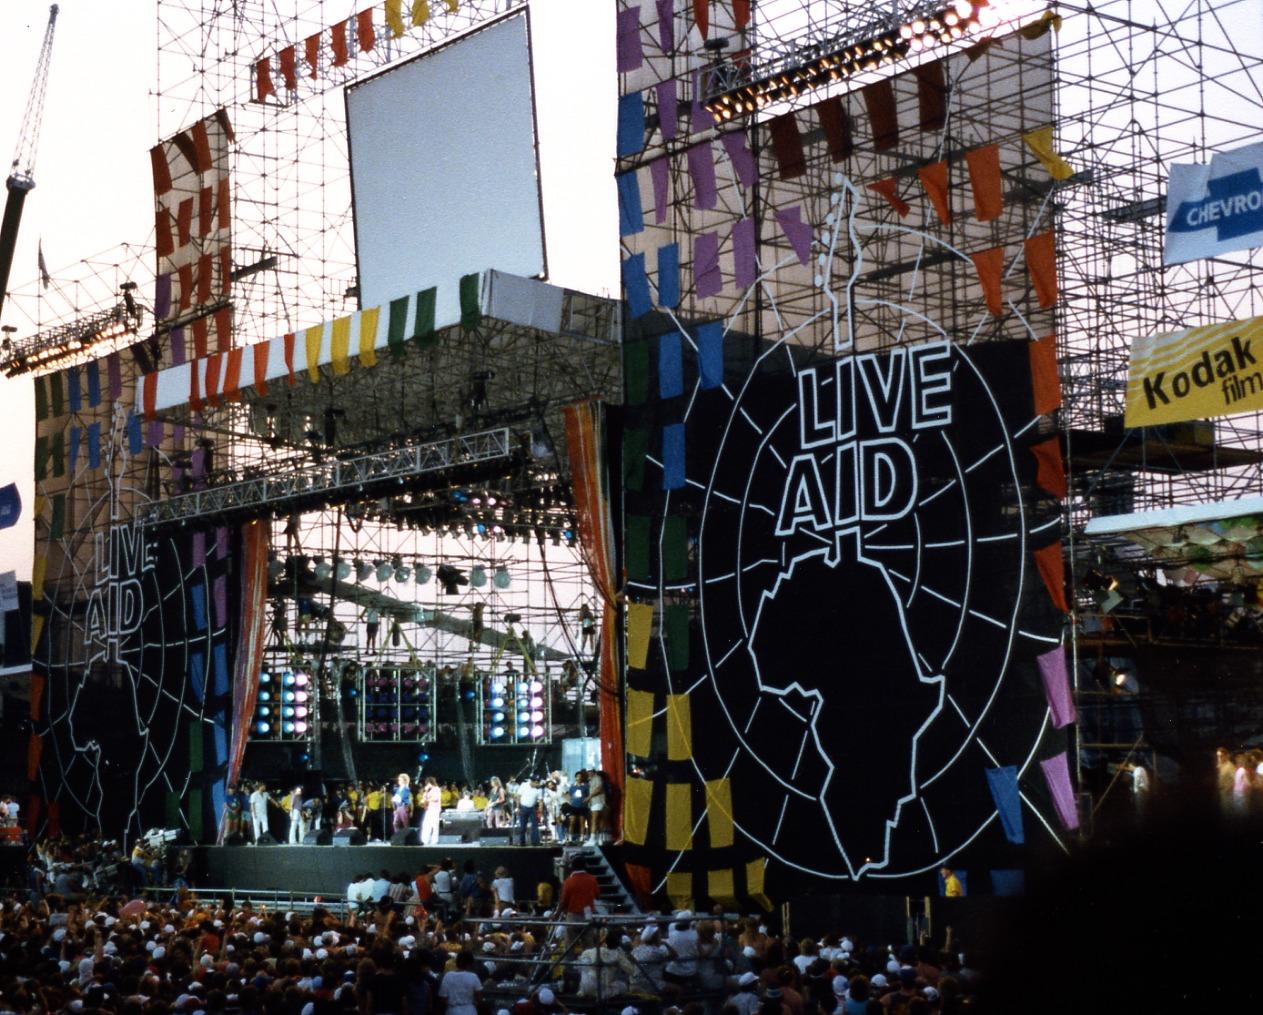 13 giugno anno 1985: Live Aid